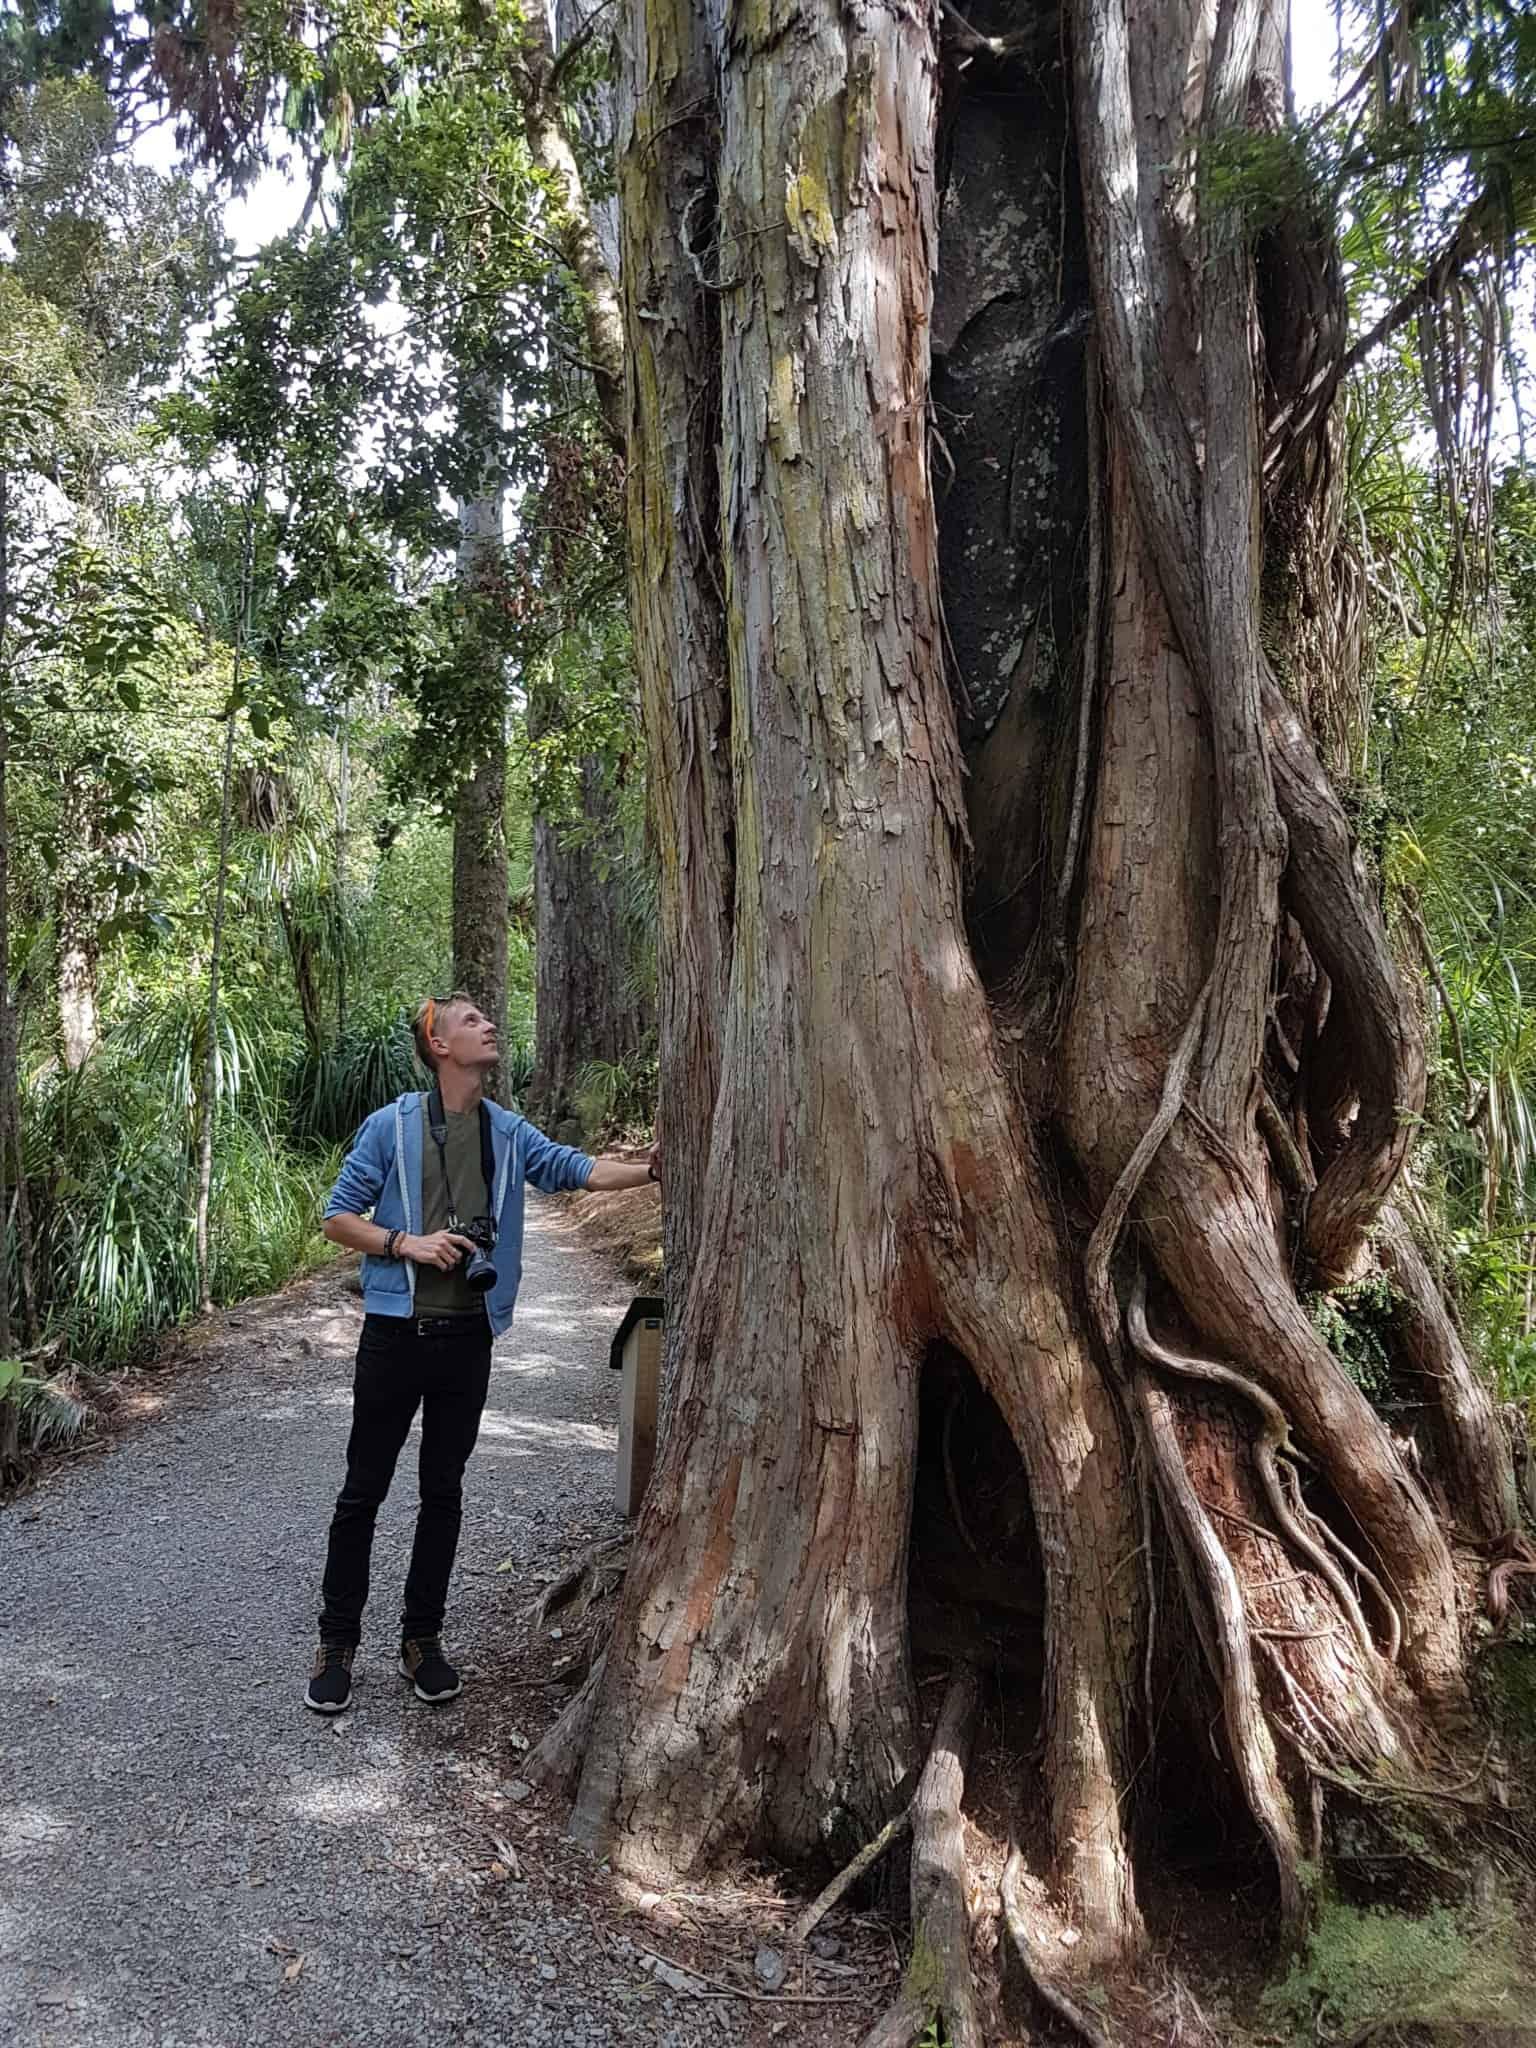 Nouvelle-Zélande, les incontournables  Pancake Rocks ! 🤩 11